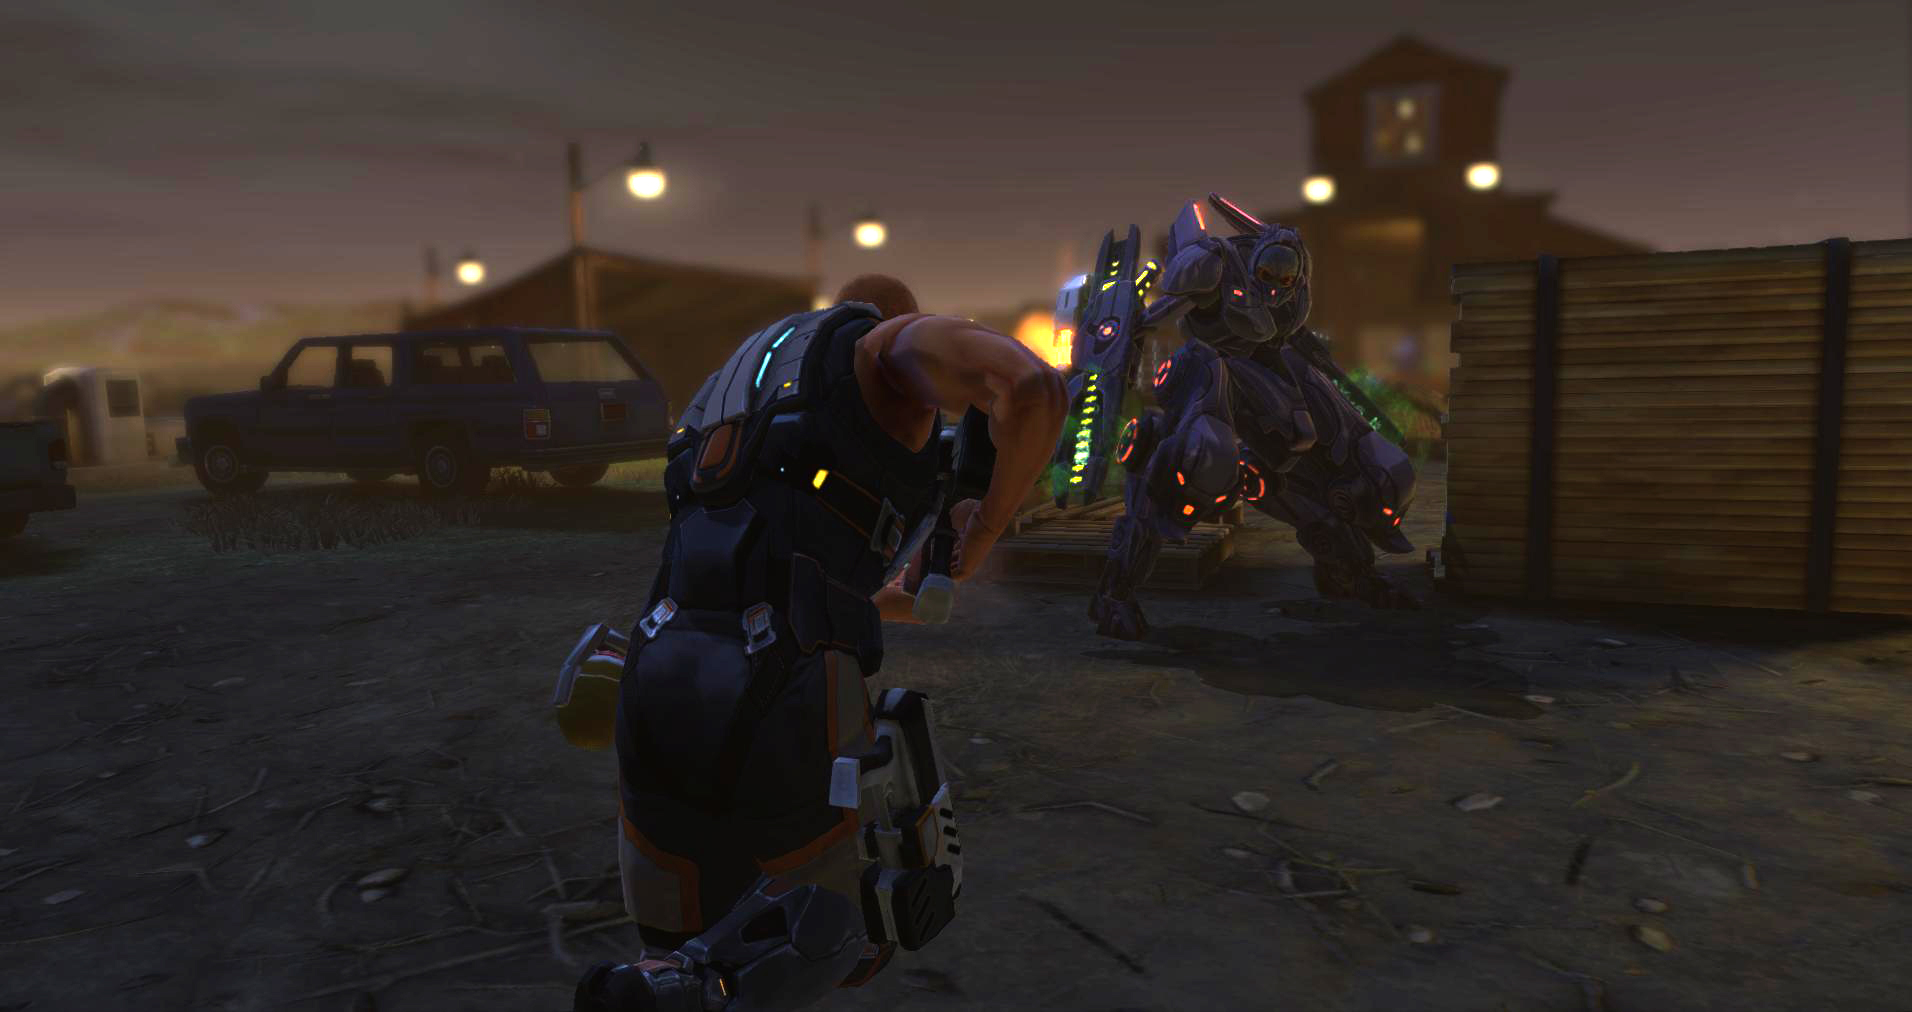 XCOM: Enemy Within game image